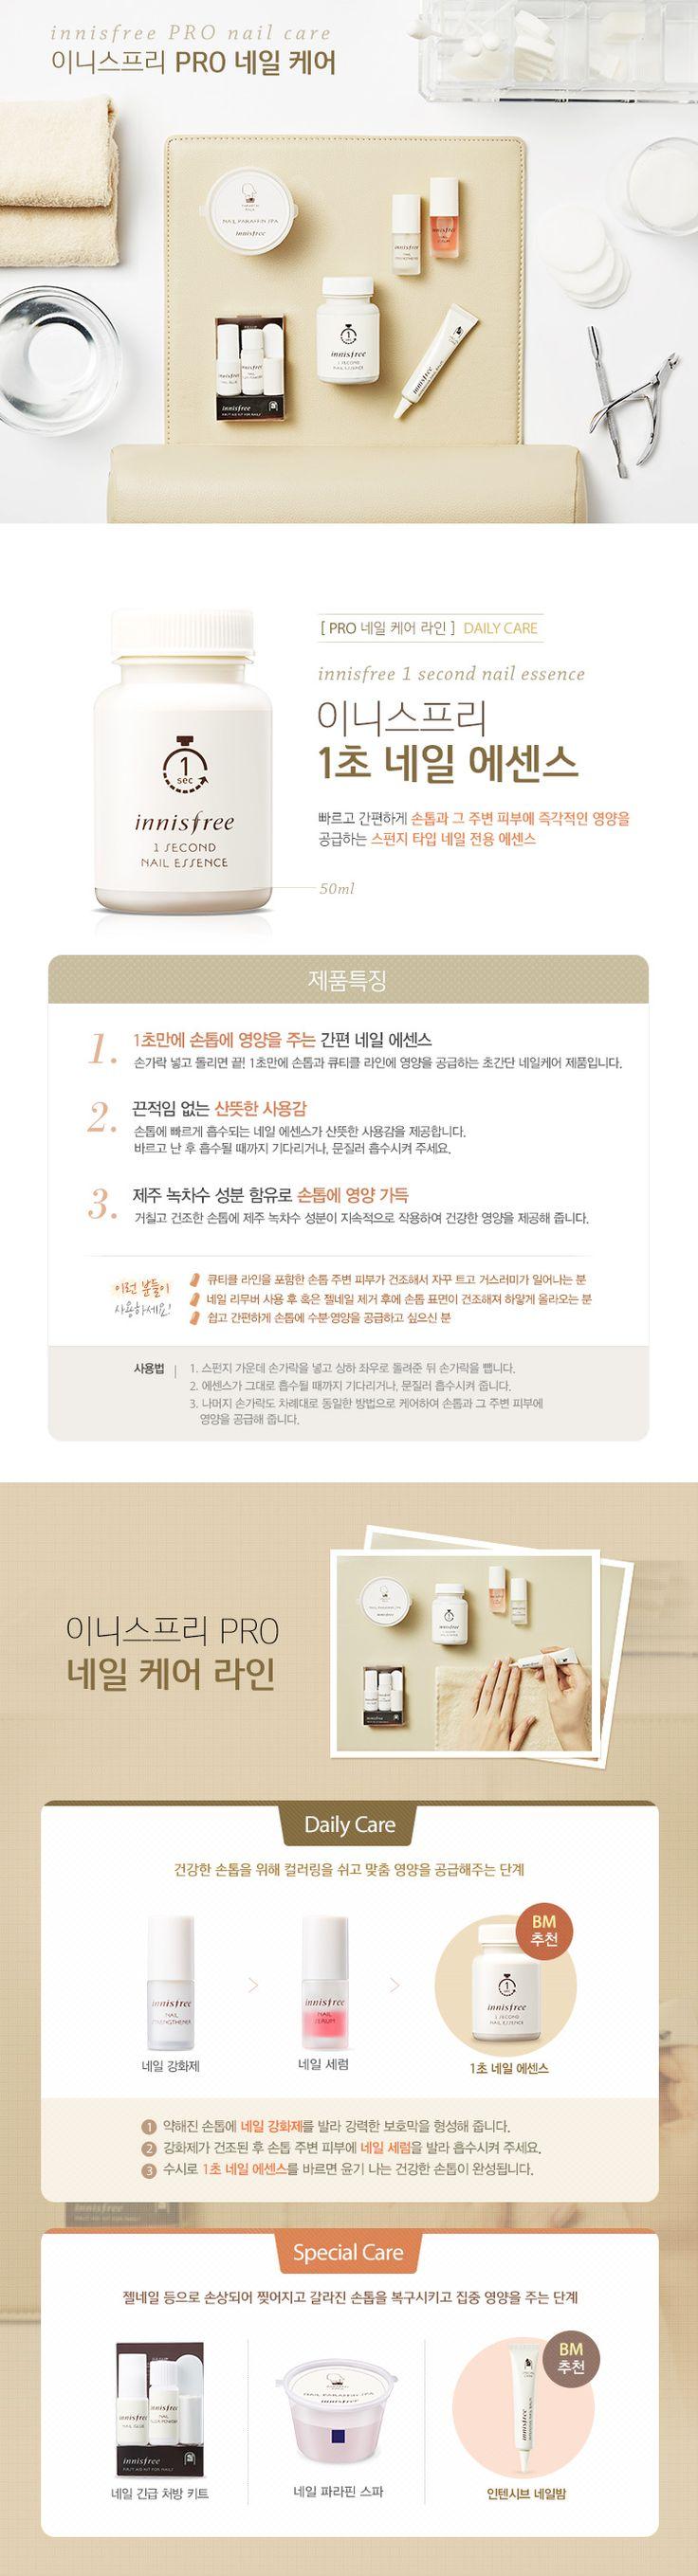 쇼핑하기 > 컬러메이크업 > 네일케어 | Natural benefit from Jeju, innisfree